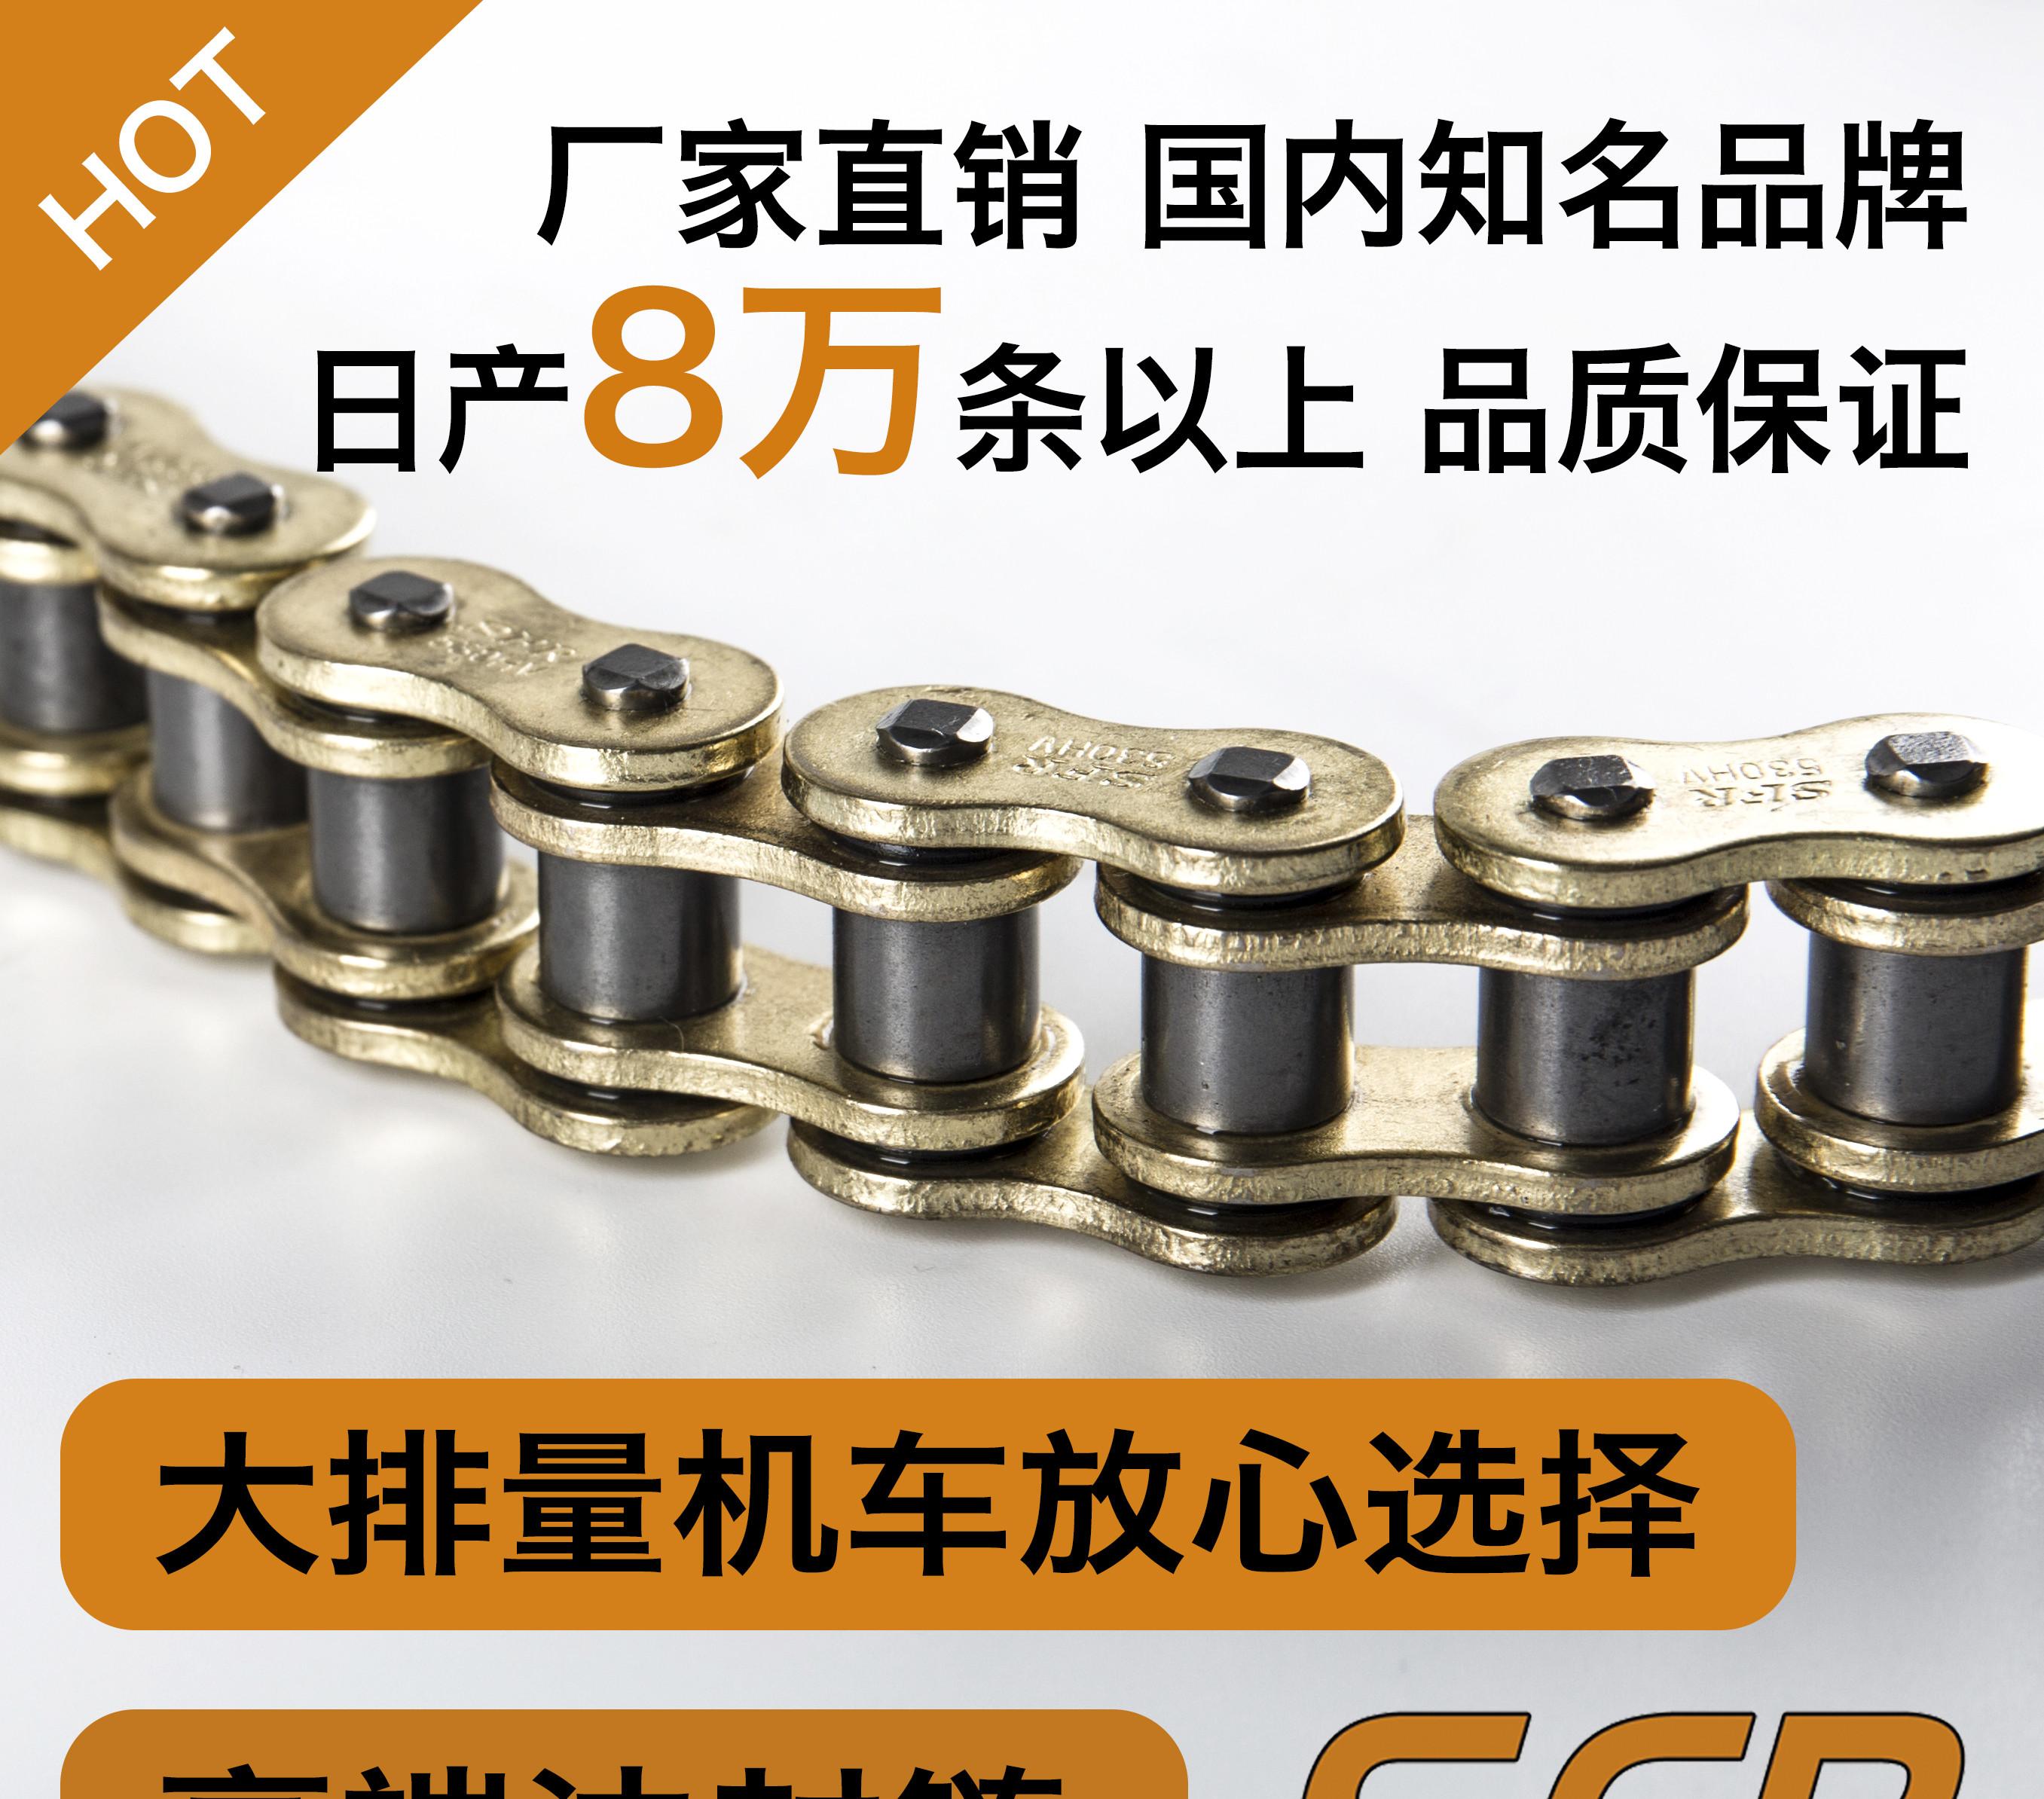 顺峰链业SFR,530HO,530HV,密封圈链条,油封链条,大排量摩托车链条,600CC,800CC,1000CC